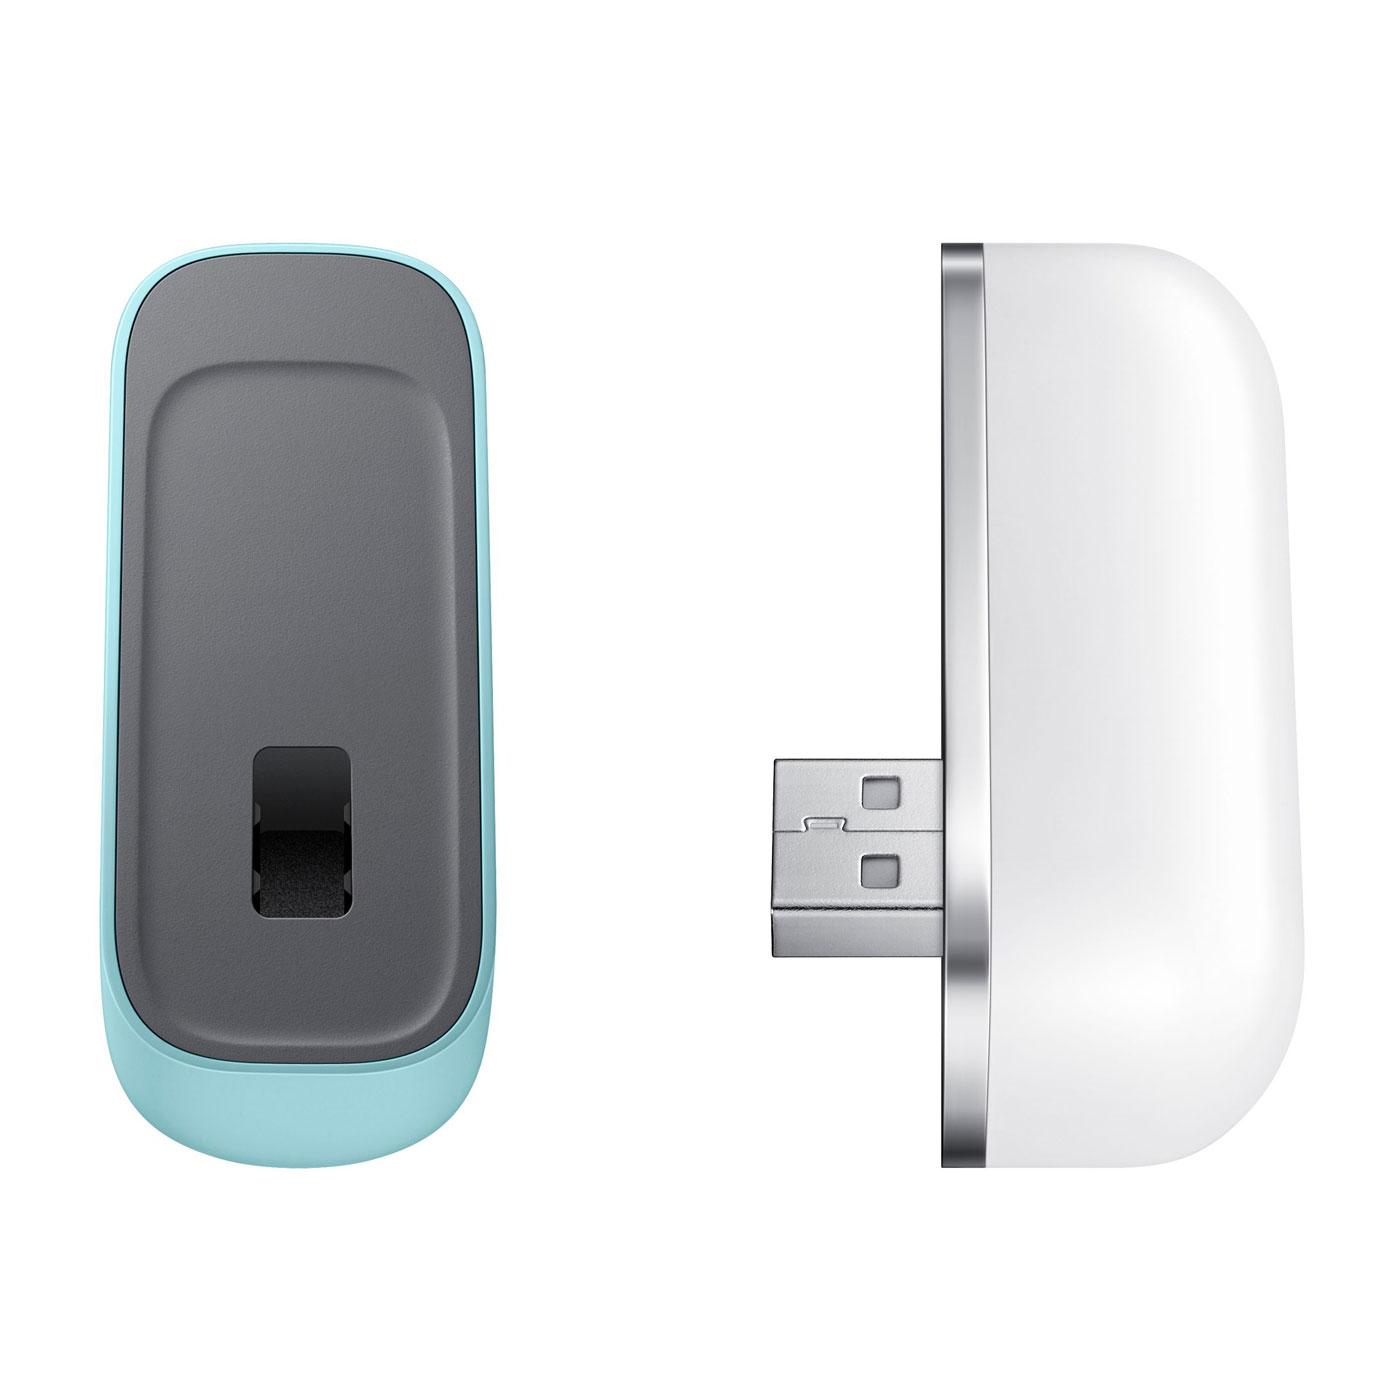 samsung usb led light 5100 mah bleu ciel batterie. Black Bedroom Furniture Sets. Home Design Ideas